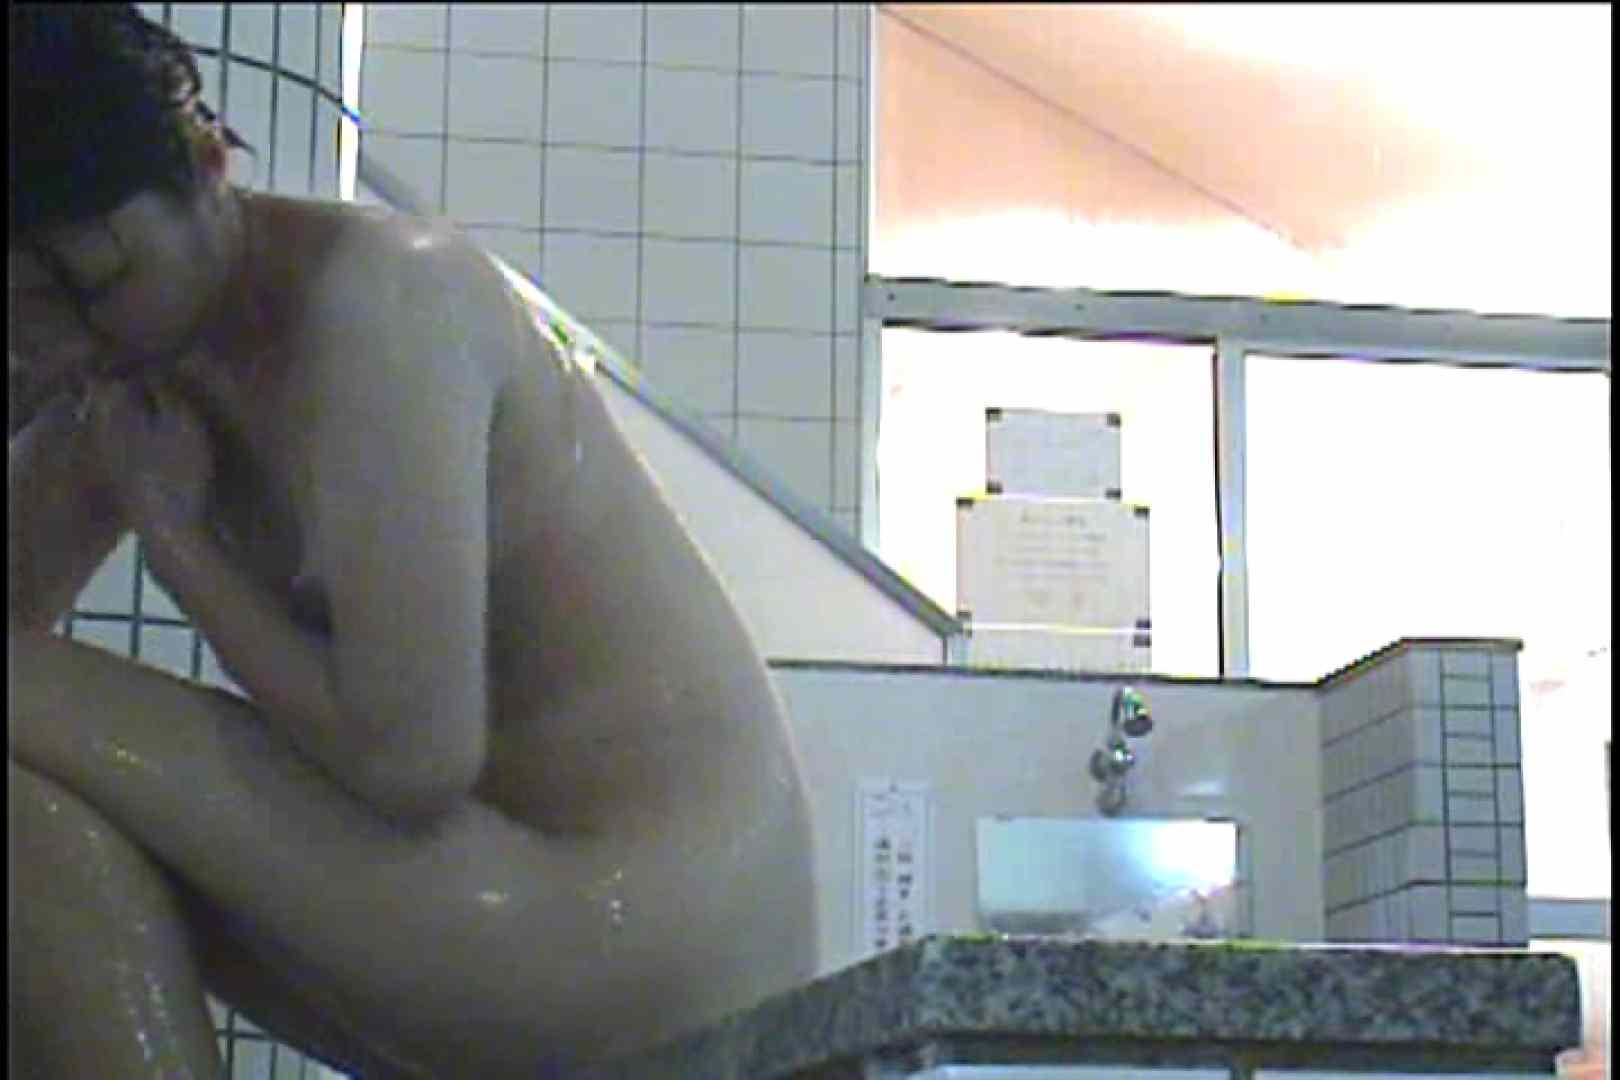 電波カメラ設置浴場からの防HAN映像 Vol.04 丸見え AV動画キャプチャ 100枚 13